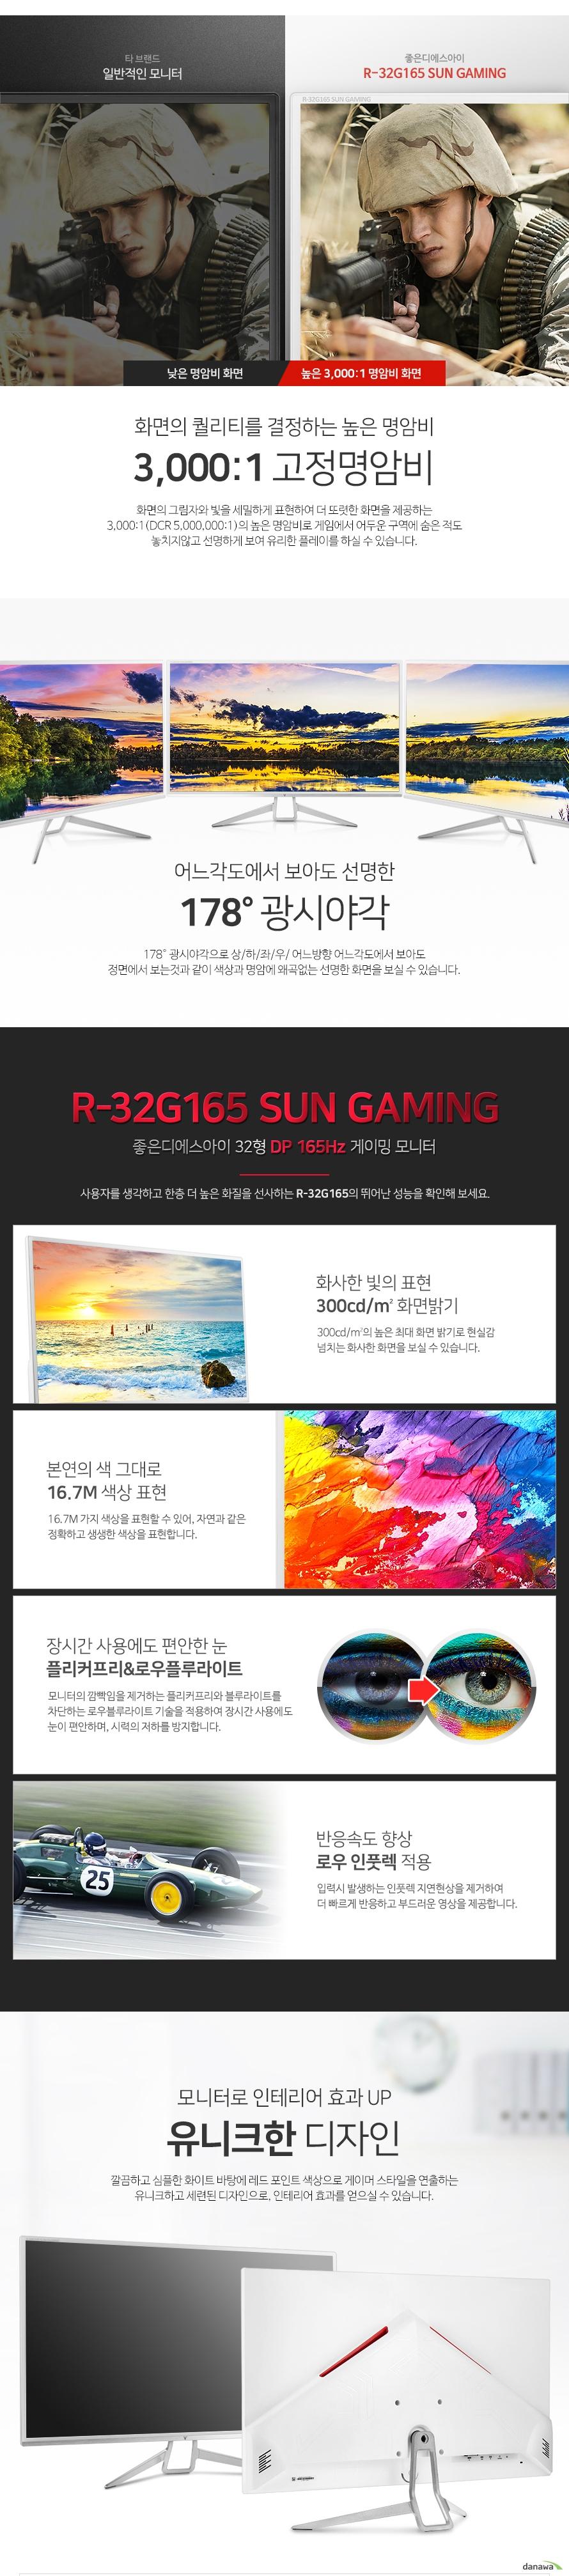 좋은디에스아이  R-32G165 SUN GAMING